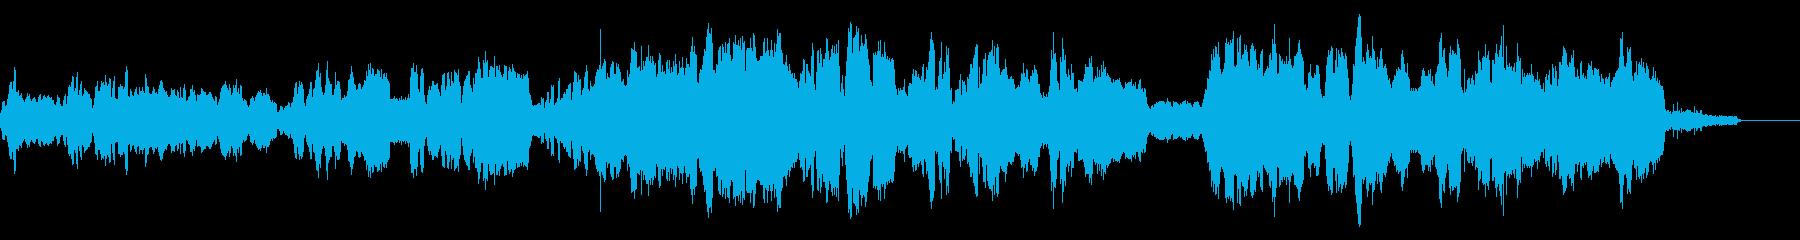 芽~冬から春へ【ソプラノ&オーケストラ】の再生済みの波形